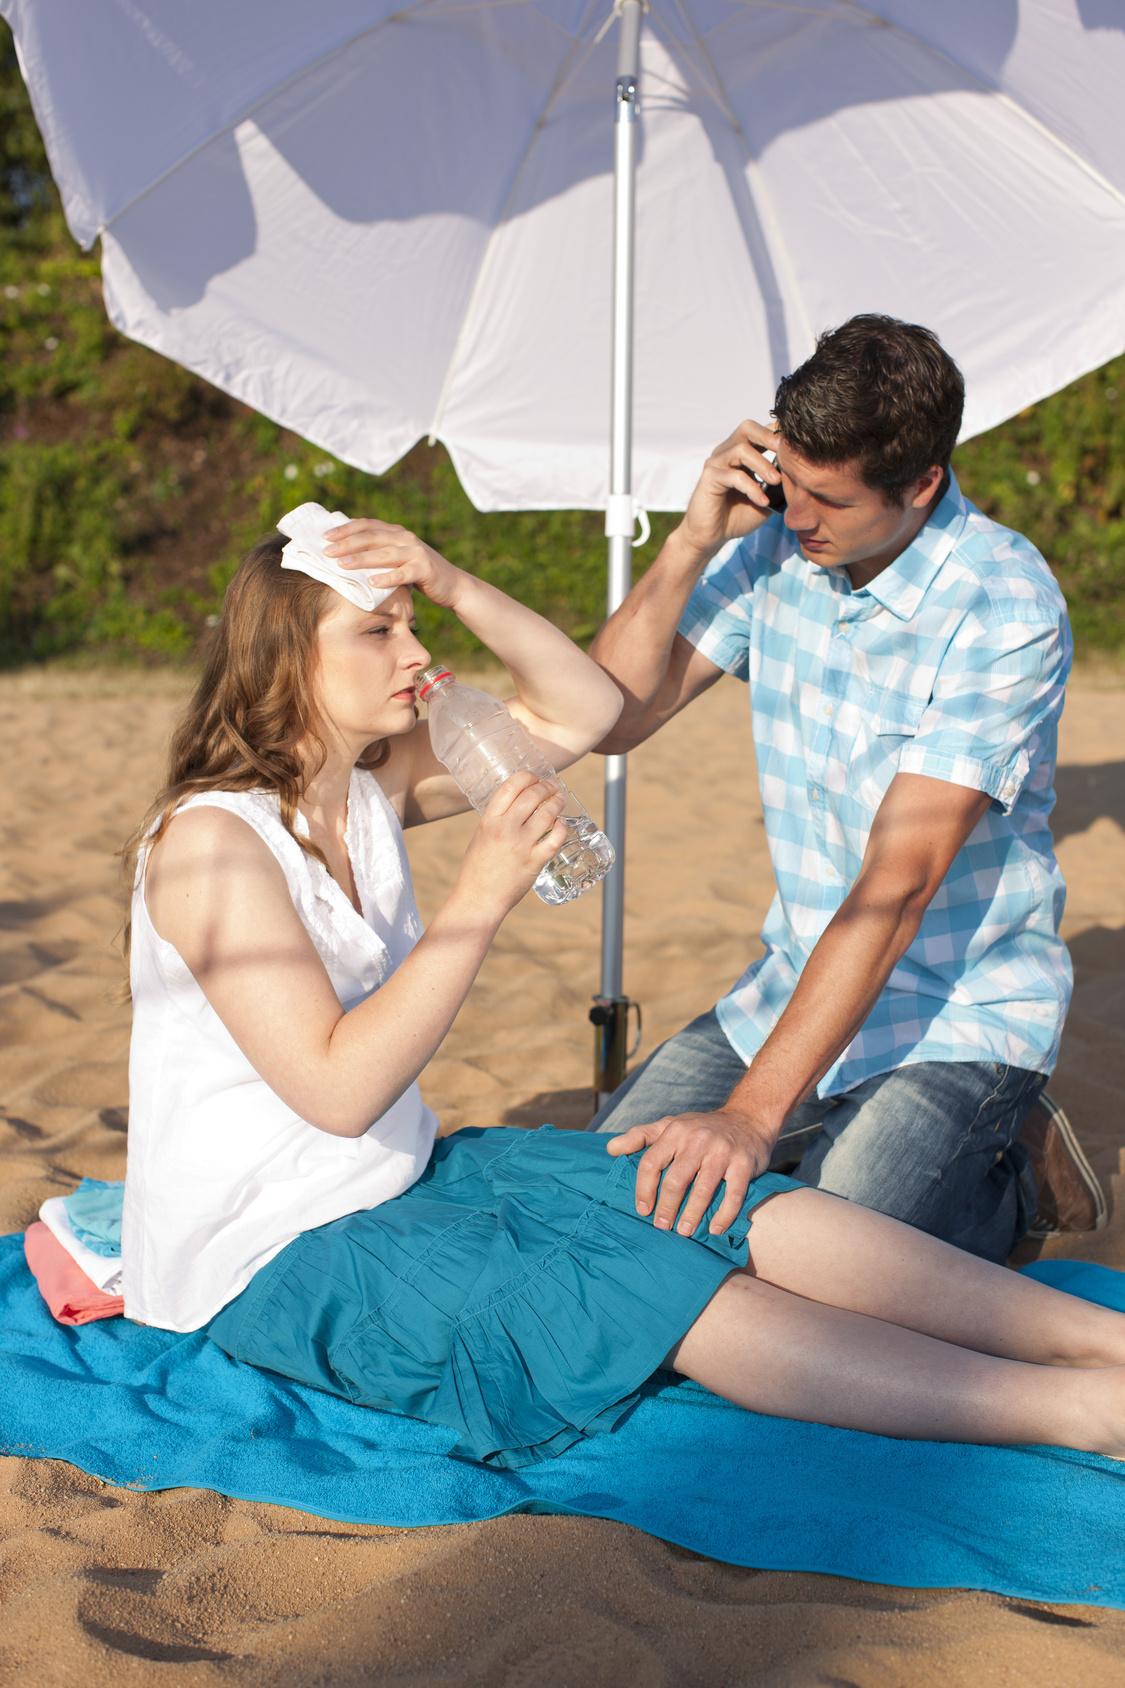 eine sehr blasse Frau sitzt am Strand kühlt sich die Stirn sie wird von einem Mann betreut, der ein Handy in der Hand hält. (Sonnenbrand)